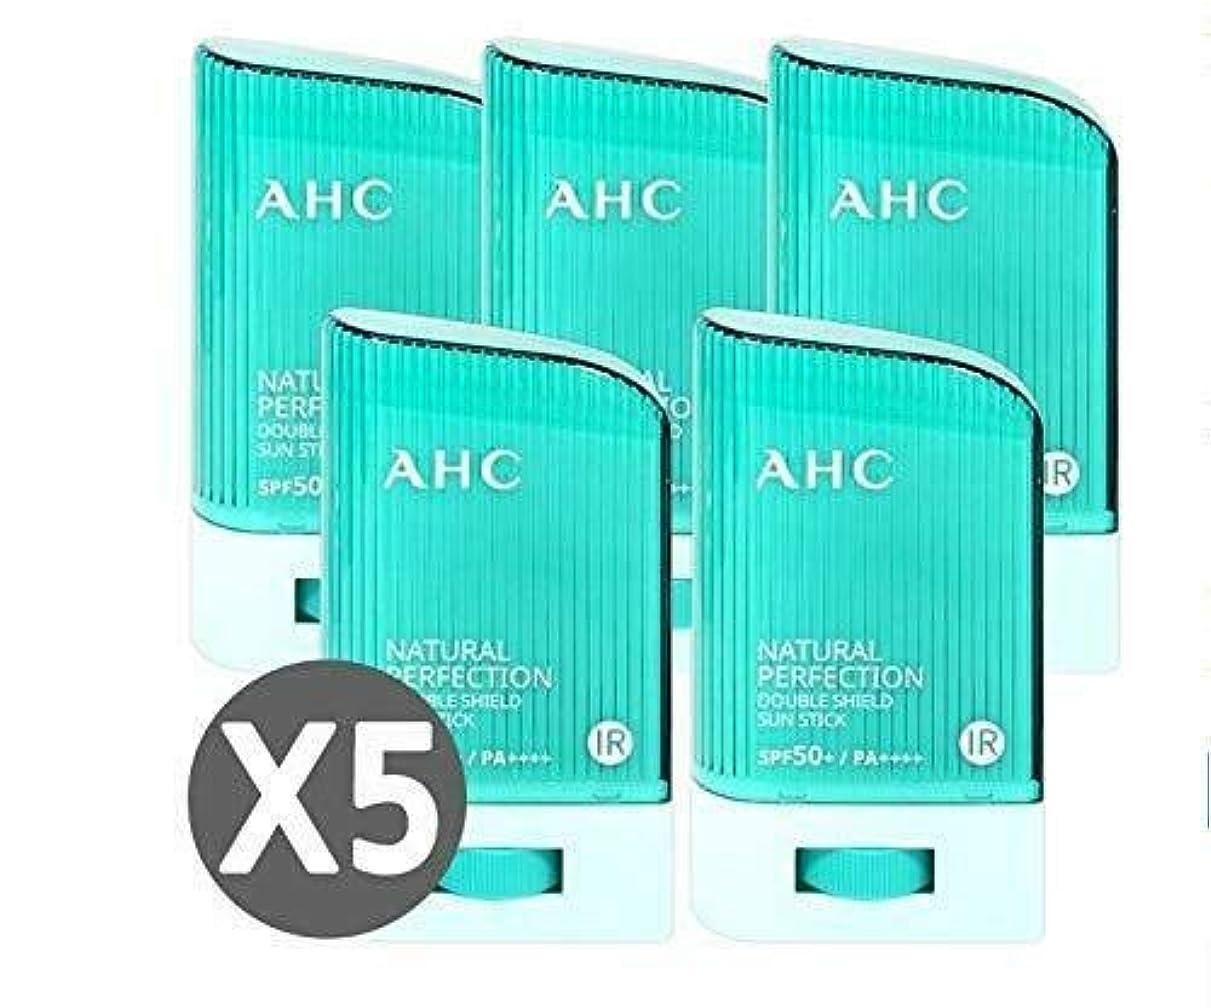 資本主義熟読する心配する[ 5個セット ] AHC ナチュラルパーフェクションダブルシールドサンスティック 22g, Natural Perfection Double Shield Sun Stick SPF50+ PA++++